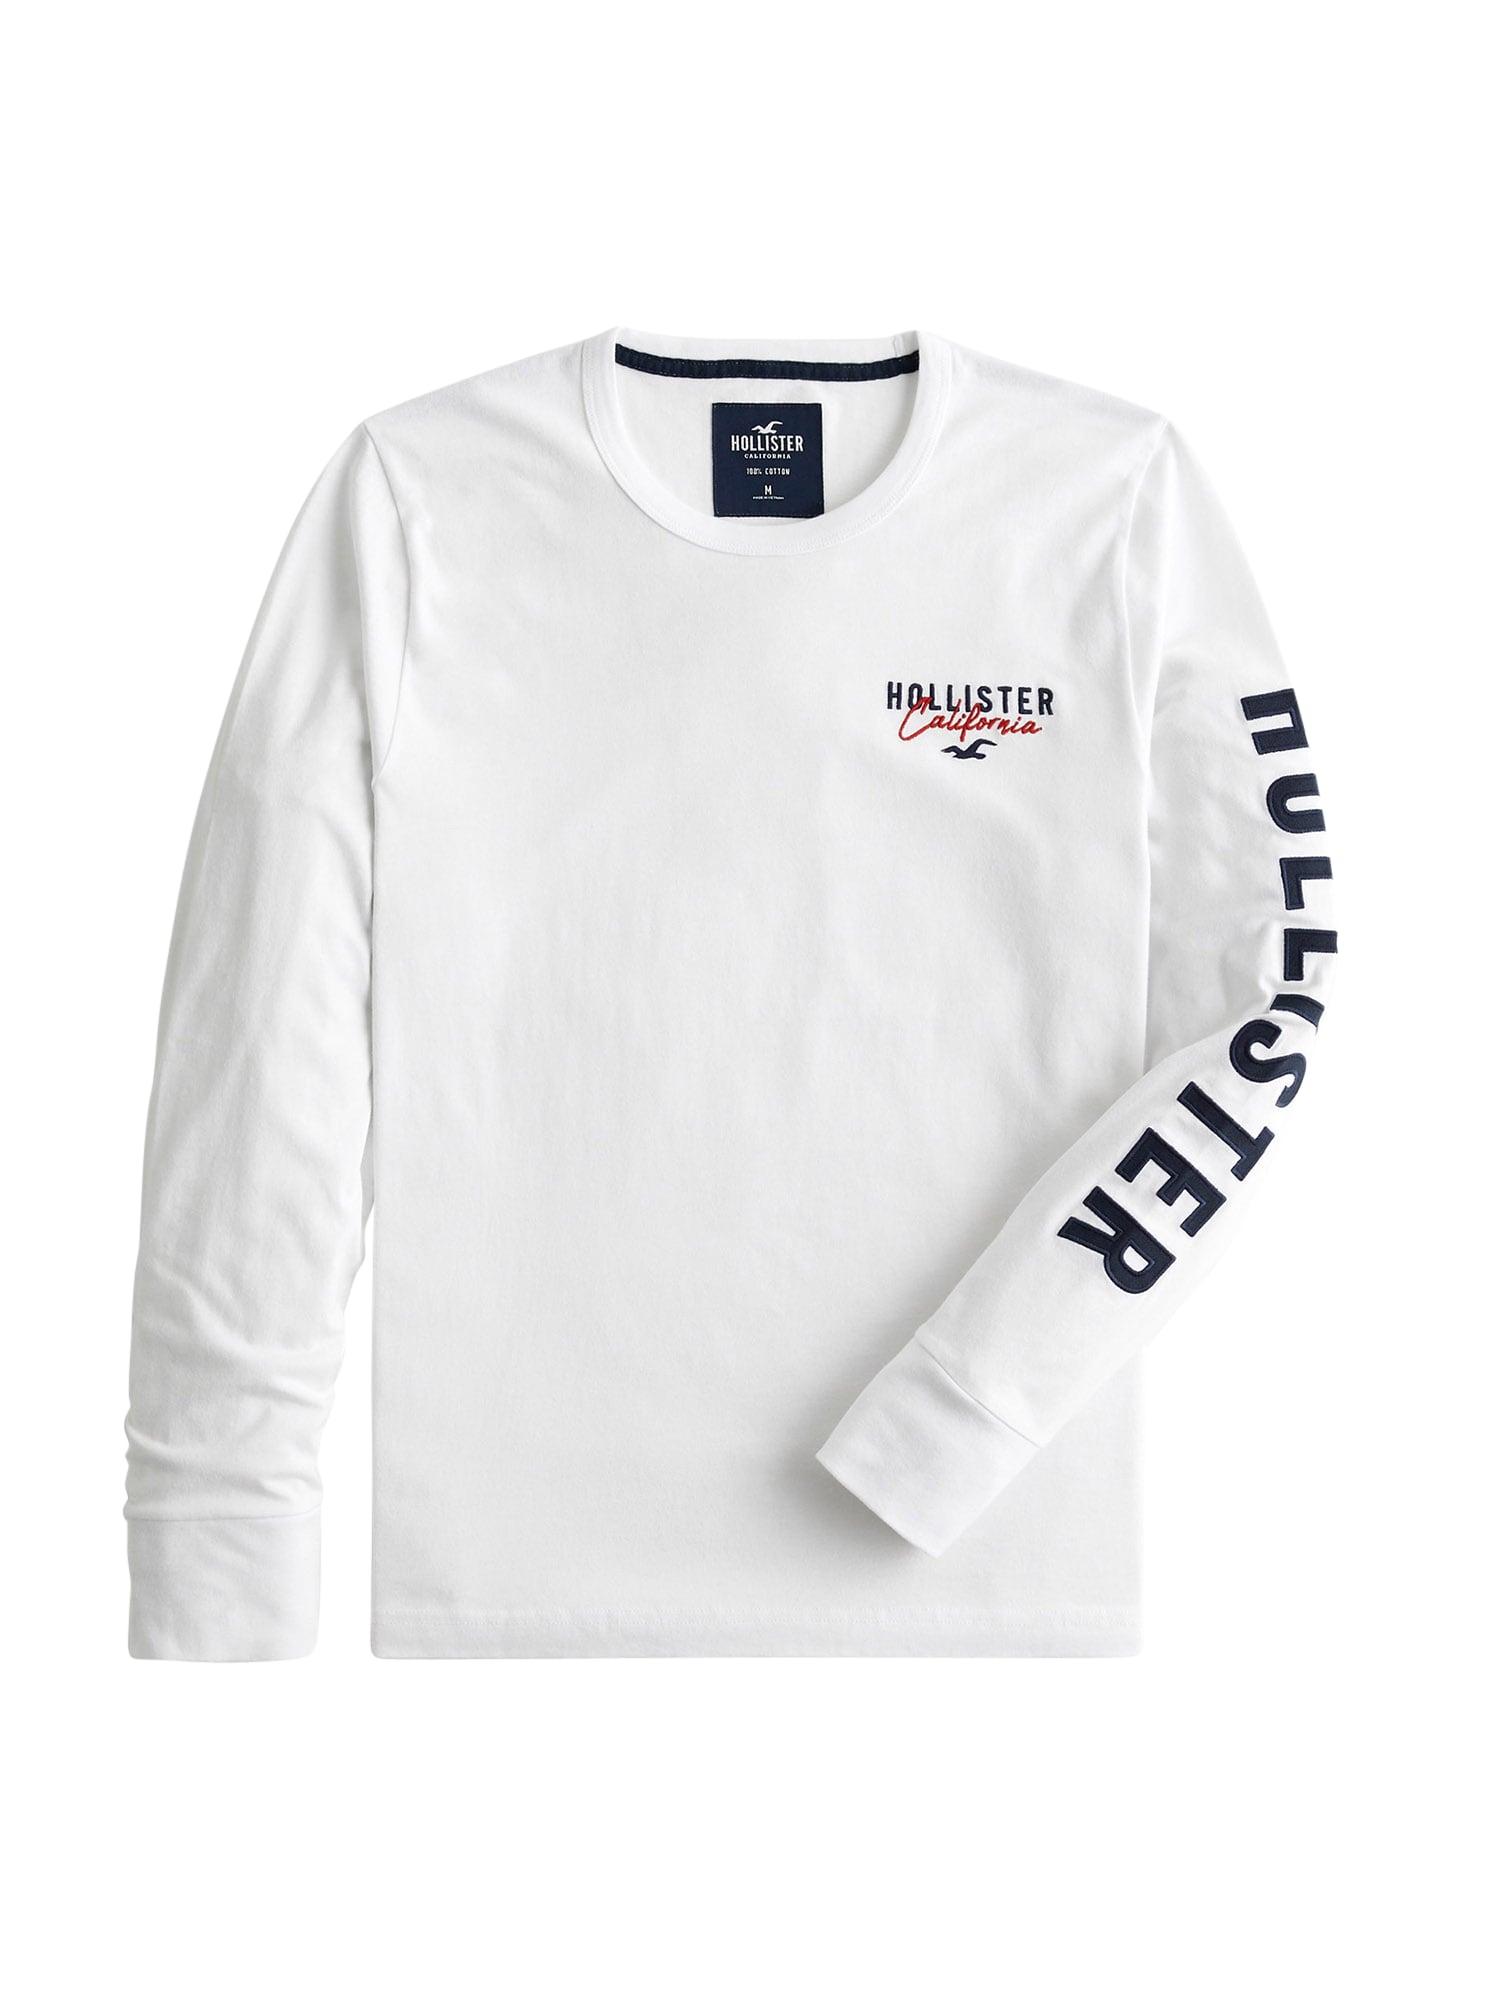 HOLLISTER Tričko  bílá / černá